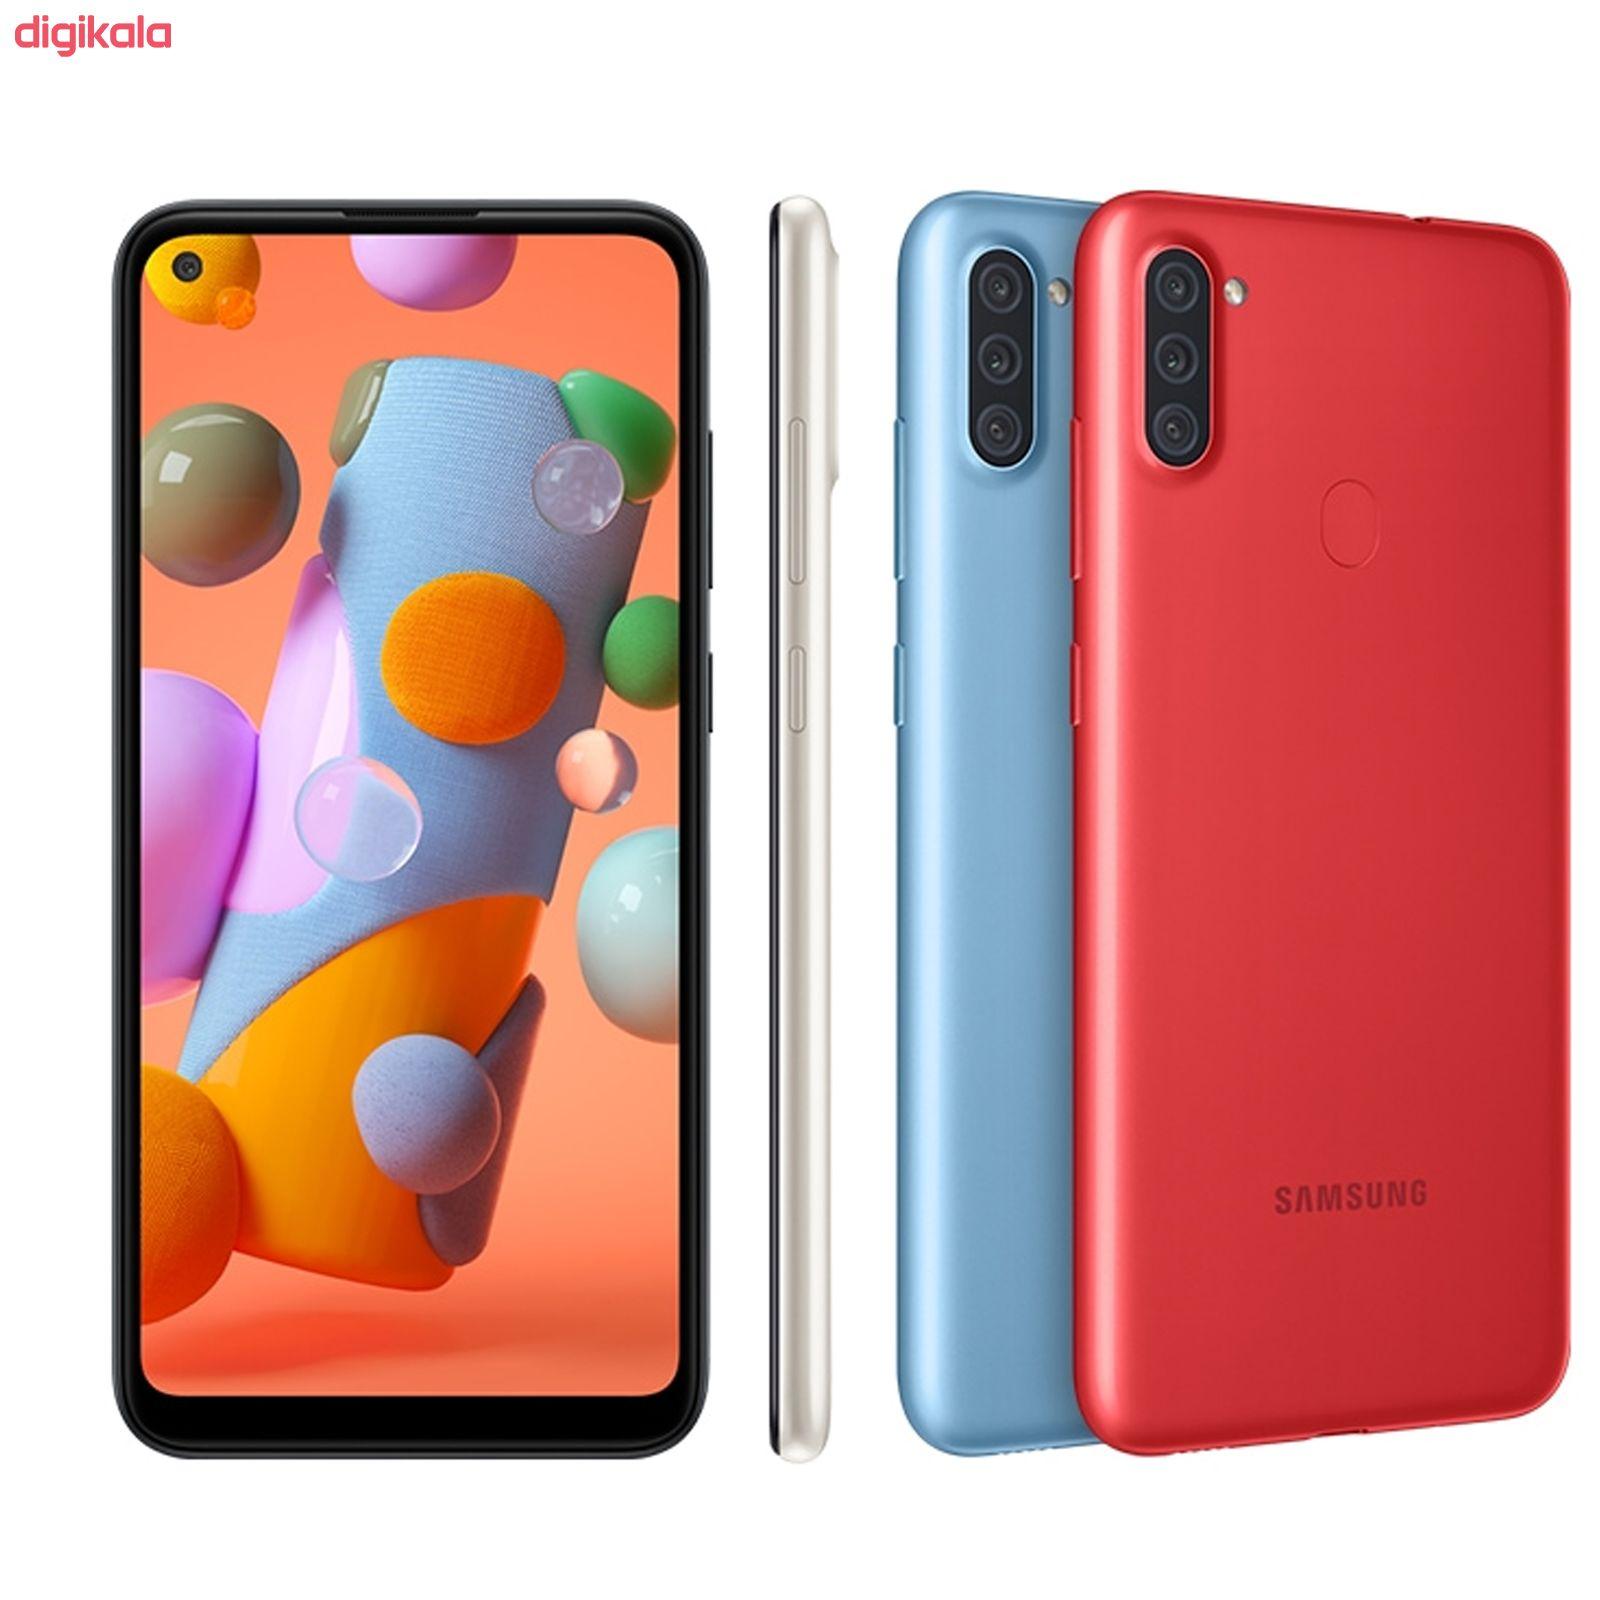 گوشی موبایل سامسونگ مدل Galaxy A11 SM-A115F/DS دو سیم کارت ظرفیت 32 گیگابایت با 2 گیگابایت رم main 1 4